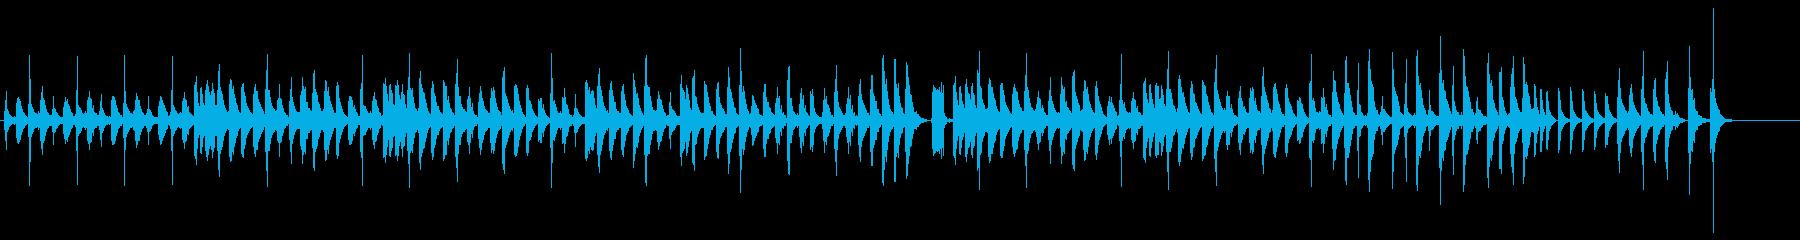 お茶目でコミカルなアップテンポの曲の再生済みの波形